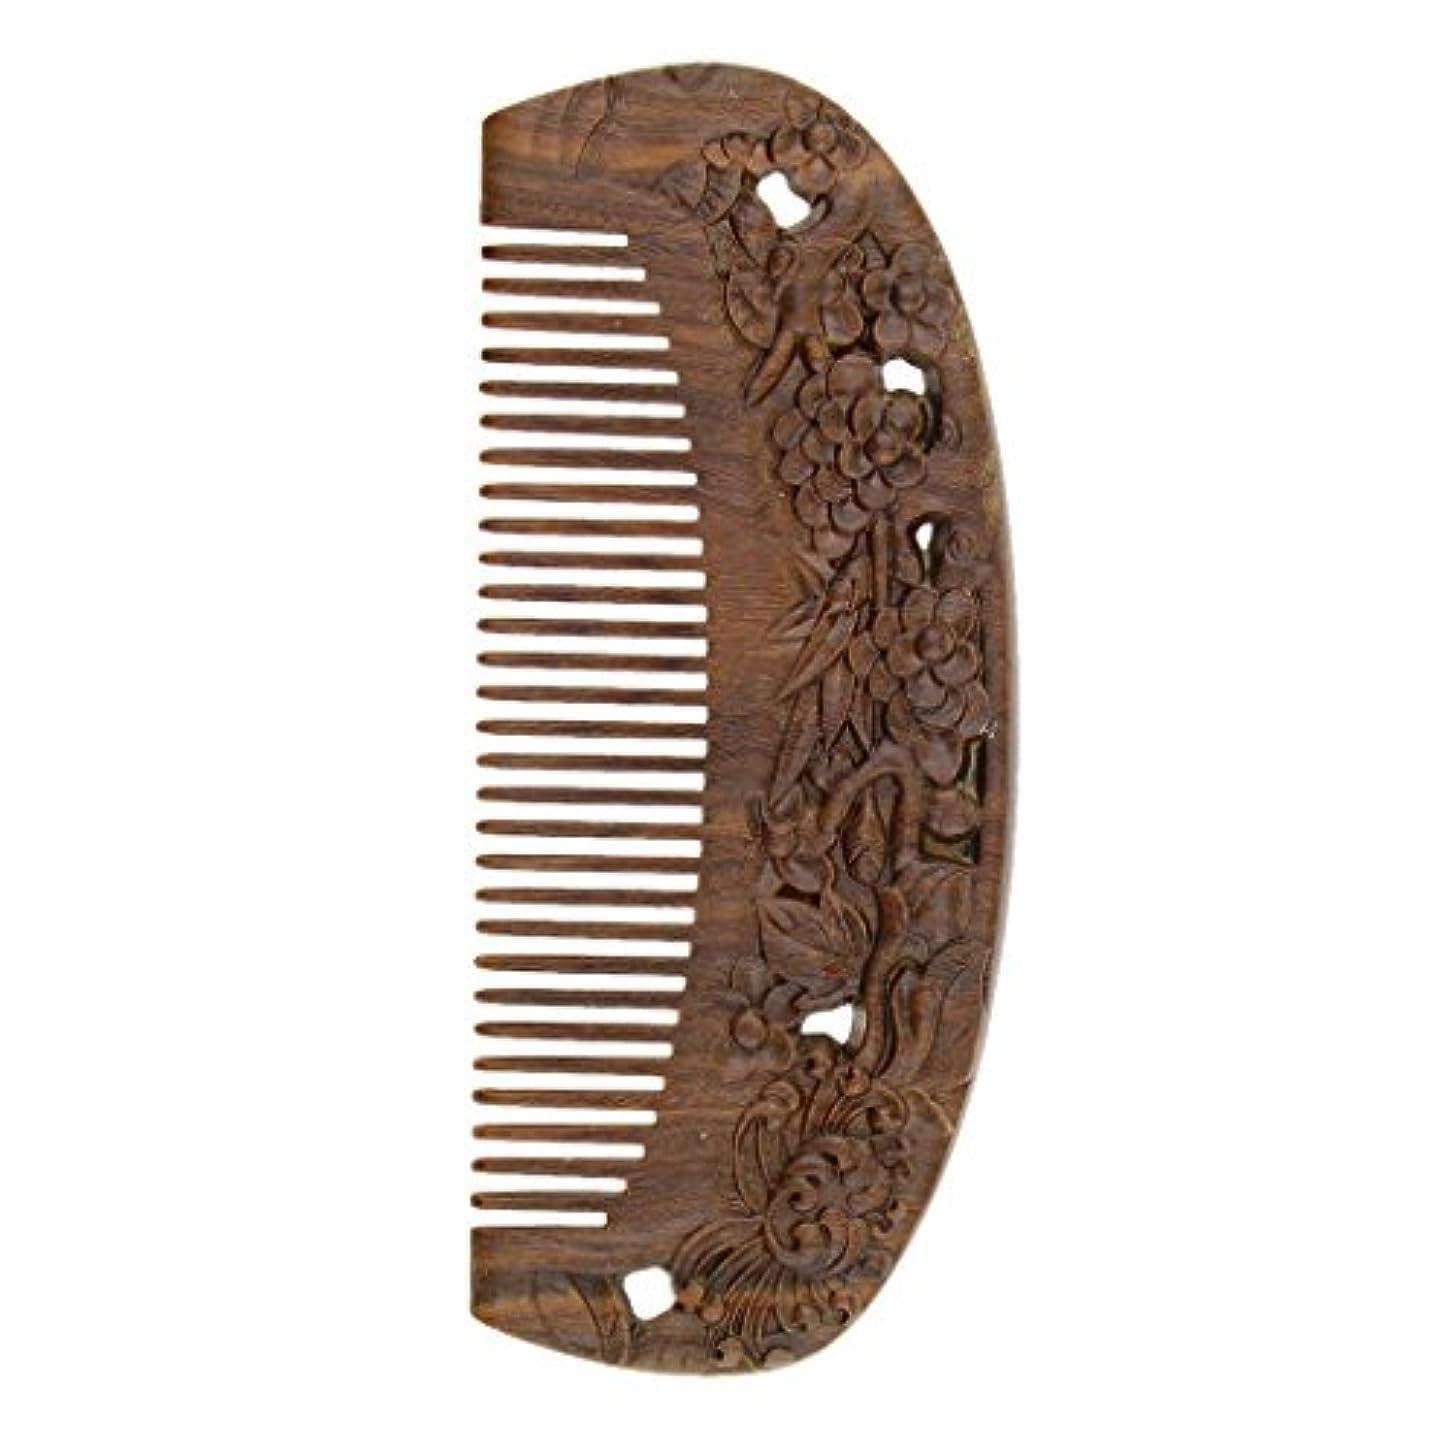 テーマ有望同行するDYNWAVE ヘアスタイリング 木製コーム ウッドコーム ワイド歯 頭皮マッサージ ヘアブラシ 全2種類 - #2